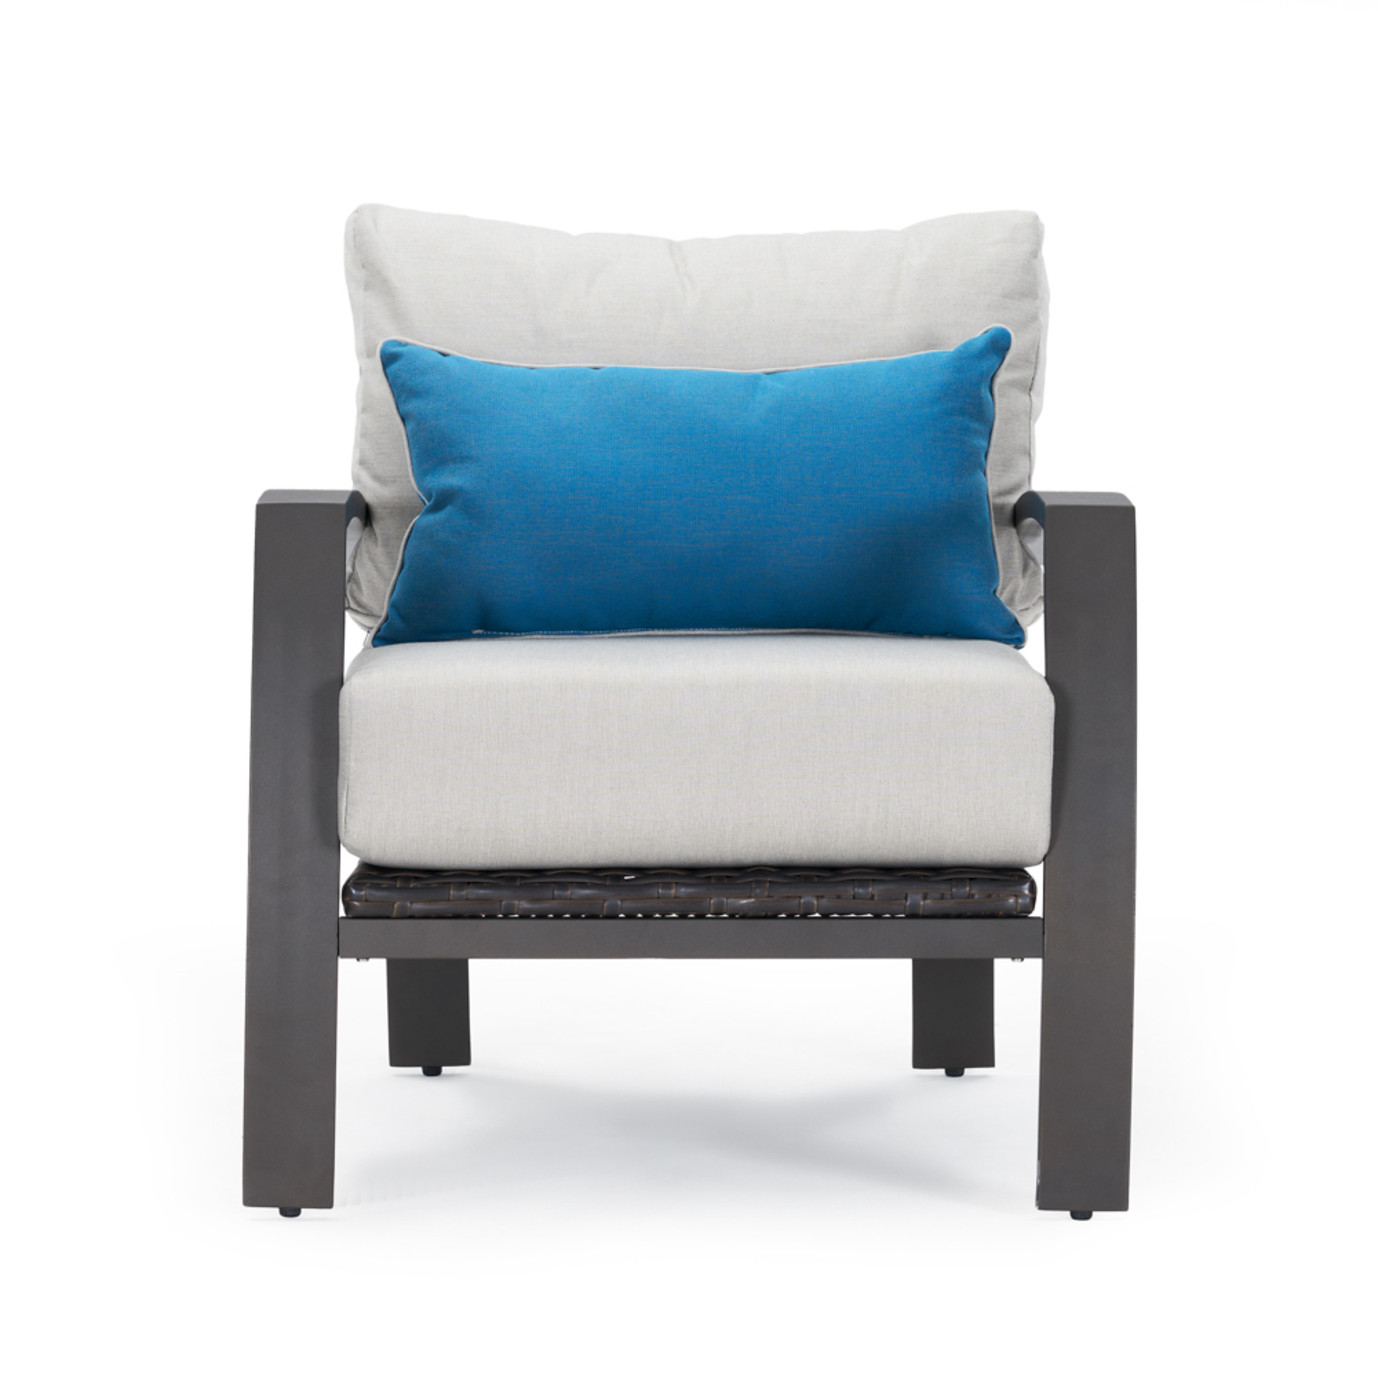 Portofino Repose Open Club Chairs - Dove Gray